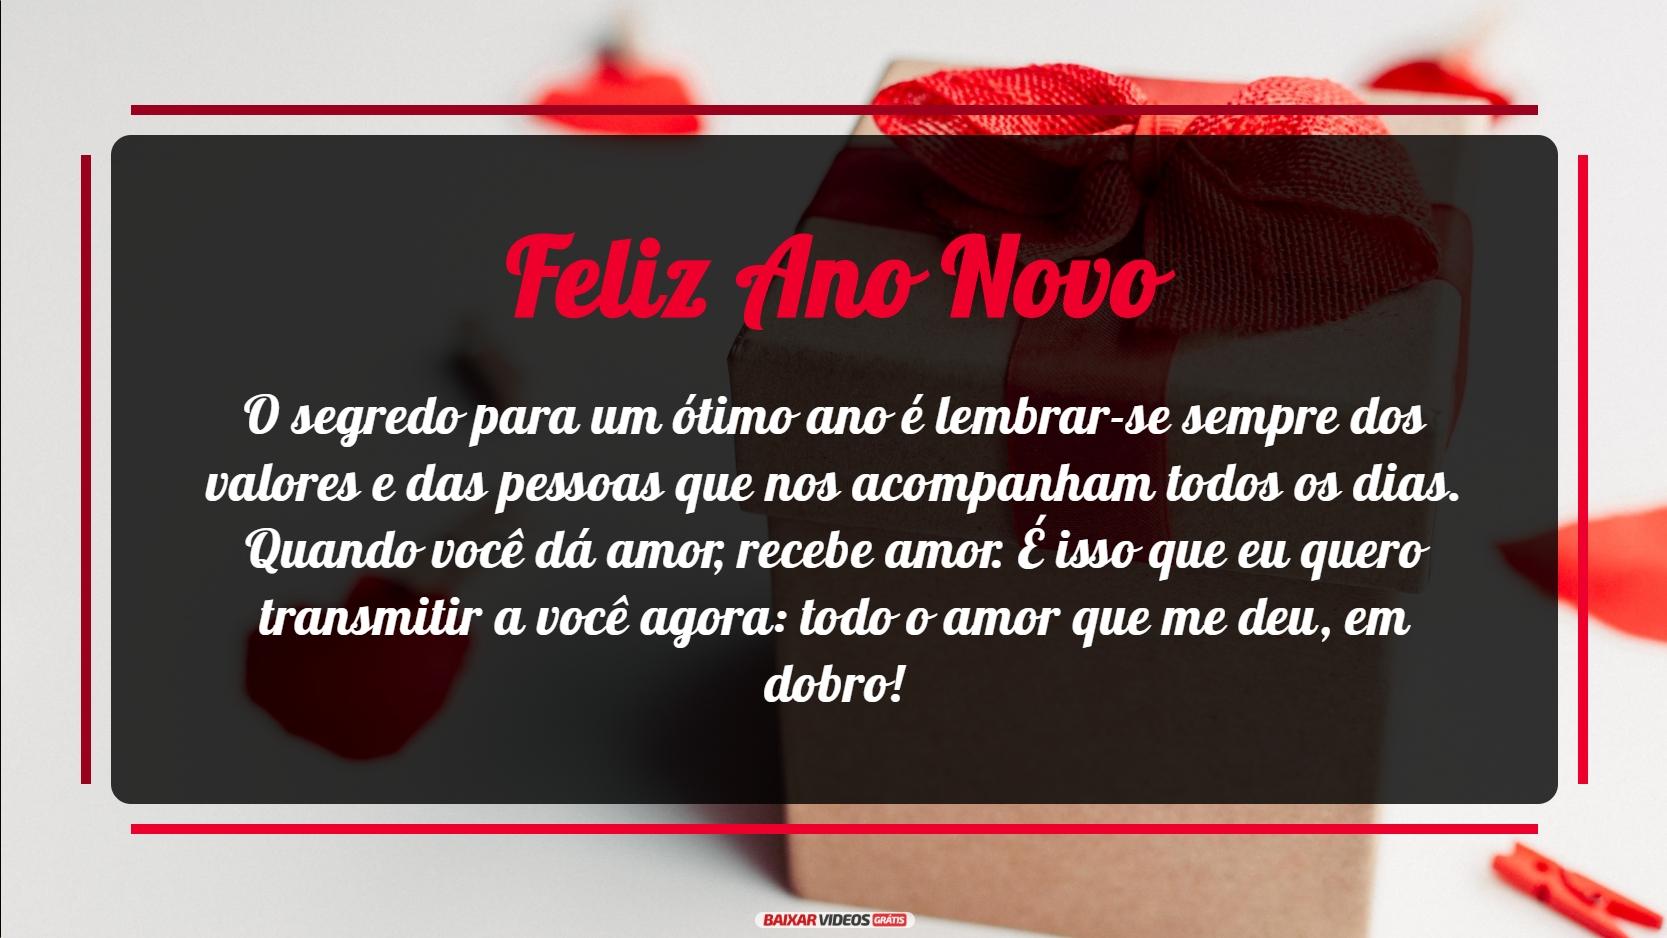 O segredo para um ótimo ano é lembrar-se sempre dos valores e das pessoas que nos acompanham todos os dias. Quando você dá amor, recebe amor. É isso que eu quero transmitir a você agora: todo o amor que me deu, em dobro! Feliz Ano Novo!